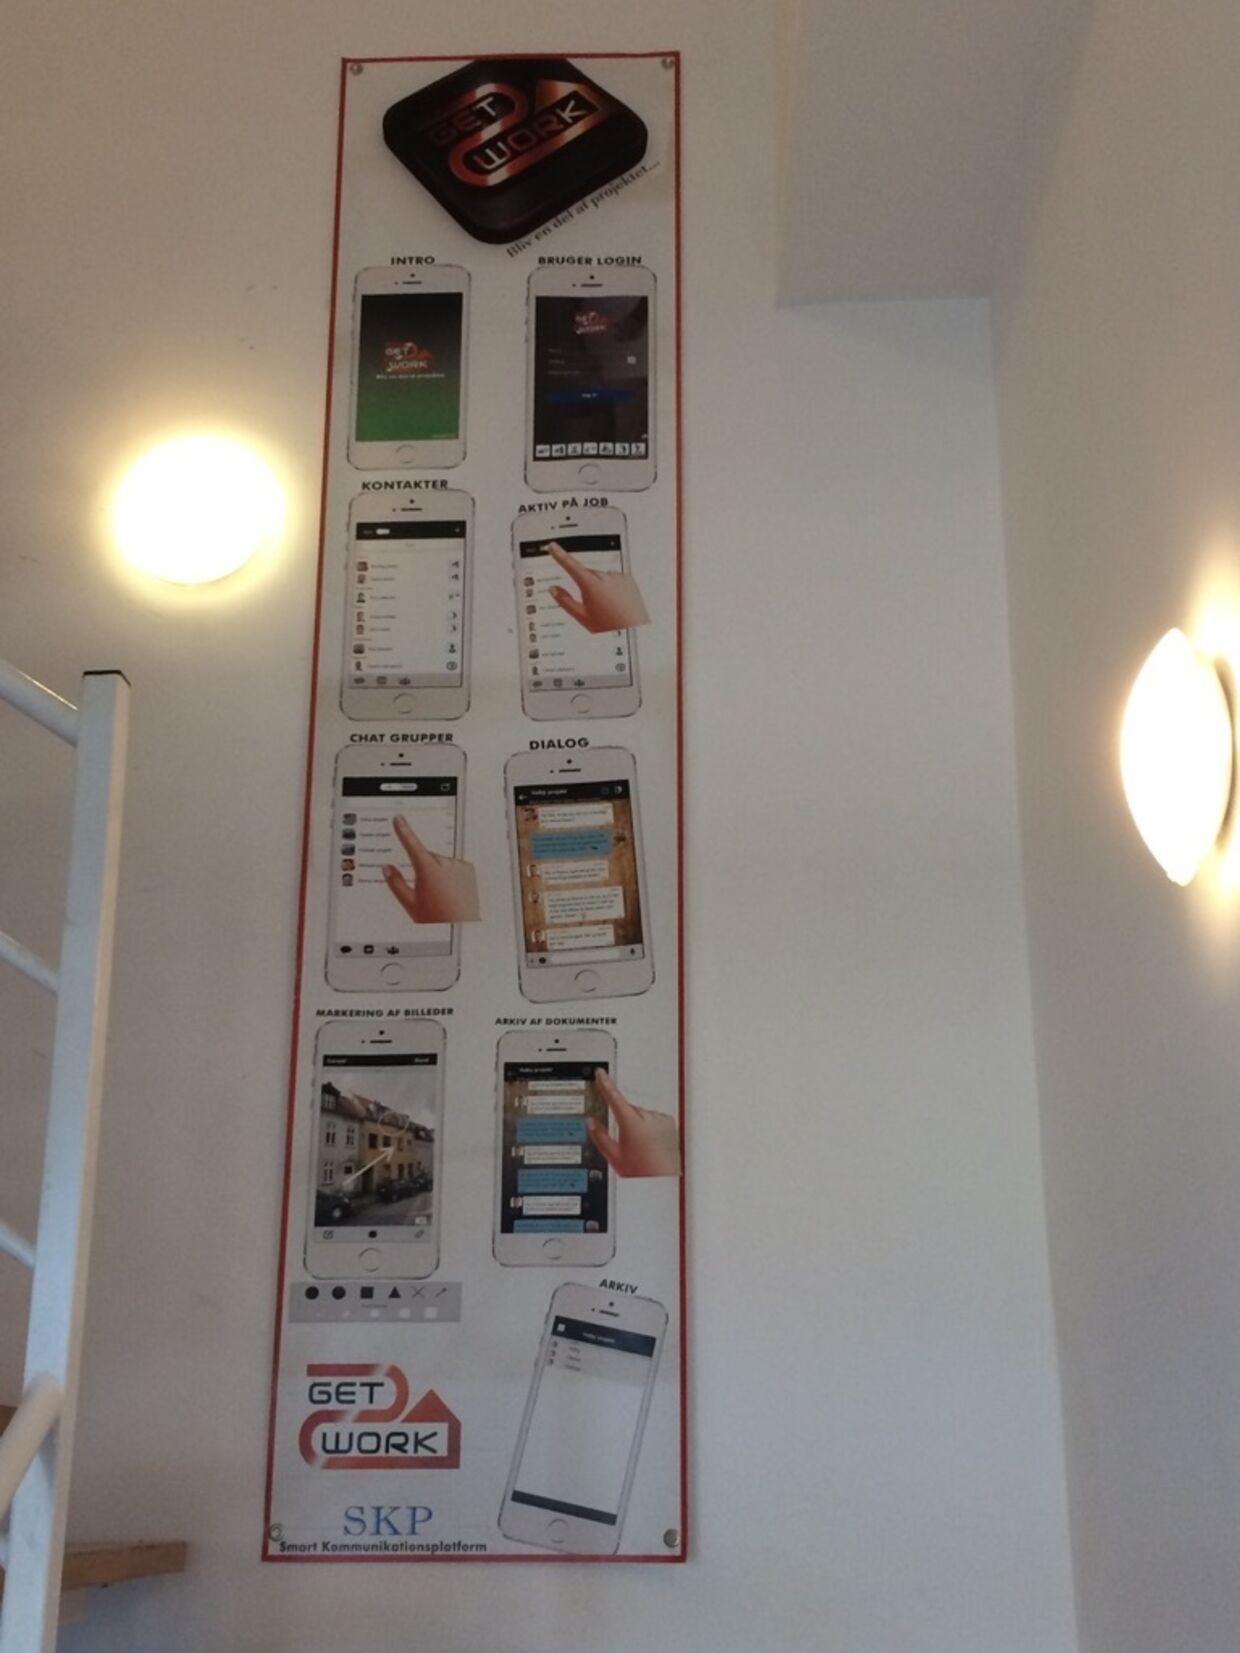 Kian Omid Mirzada står ifølge dette banner, som hænger på en trappe på vej op til hans lukkede kontor, bag en app, som ikke eksisterer.